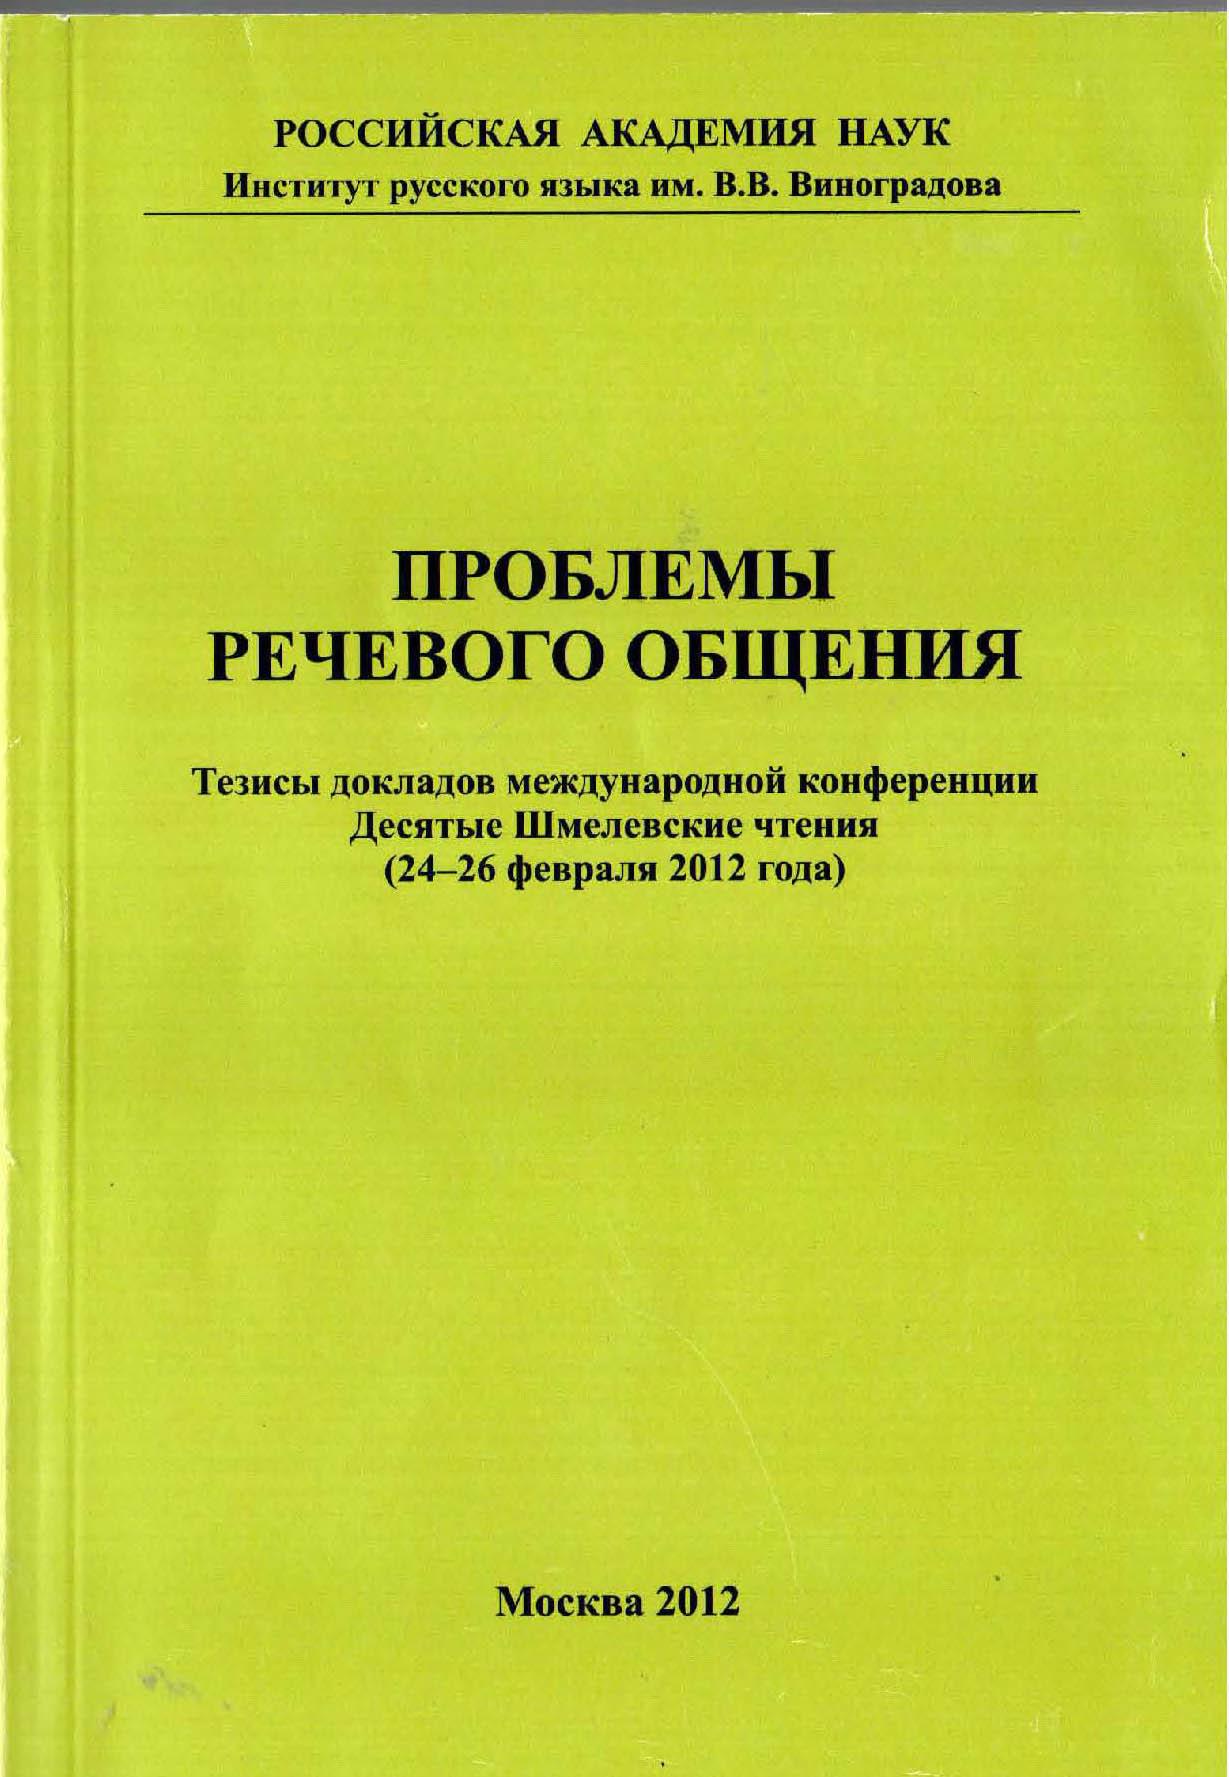 Стратегии передачи чужой речи в письмах читателей в газеты (на материале советских и эмигрантских газет 20-х гг. ХХ века)